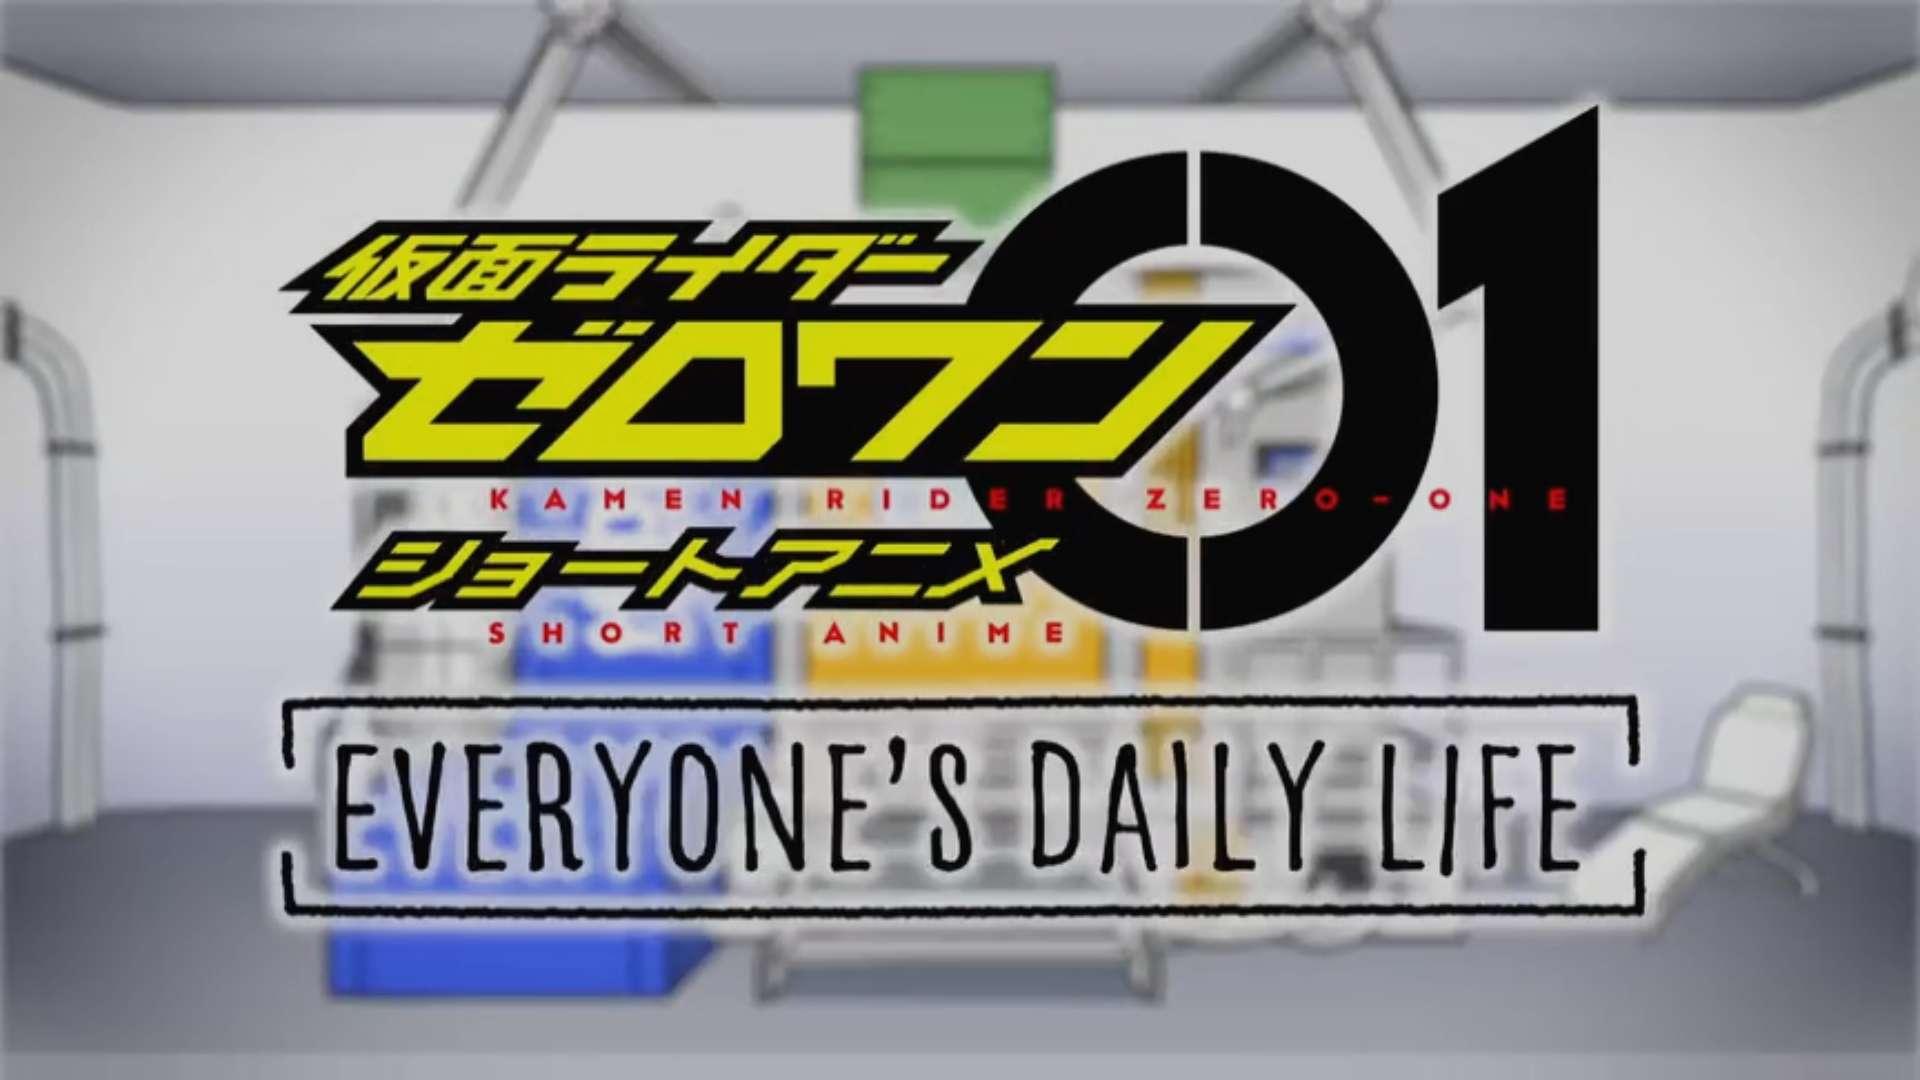 【动漫资讯】《假面骑士01》短篇动画化!7月23开播!